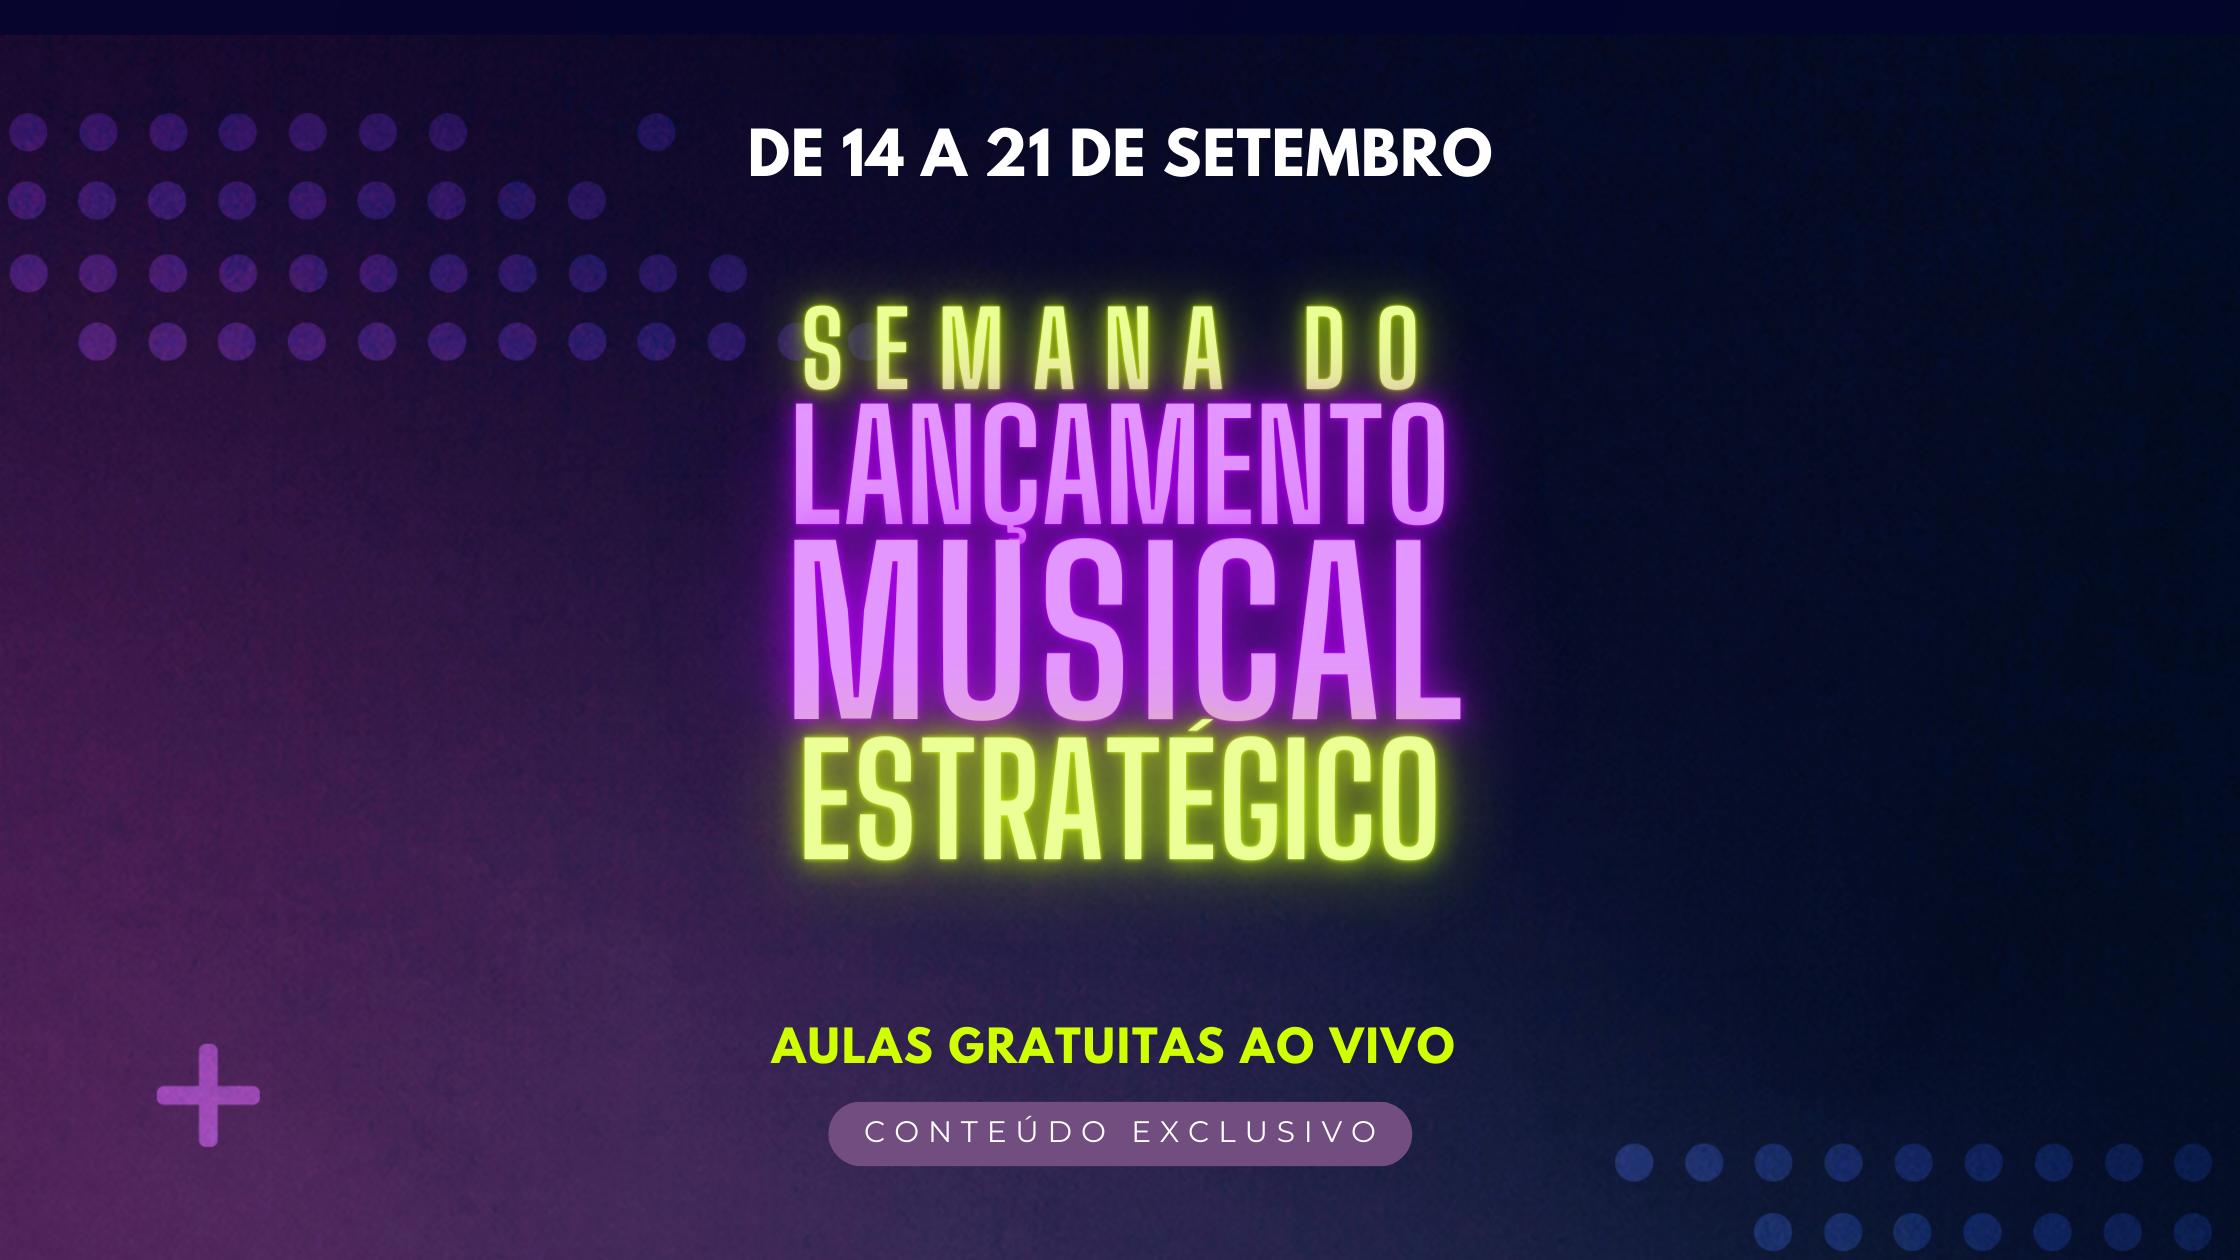 Semana do Lançamento Musical Estratégico The BOREAL Agency